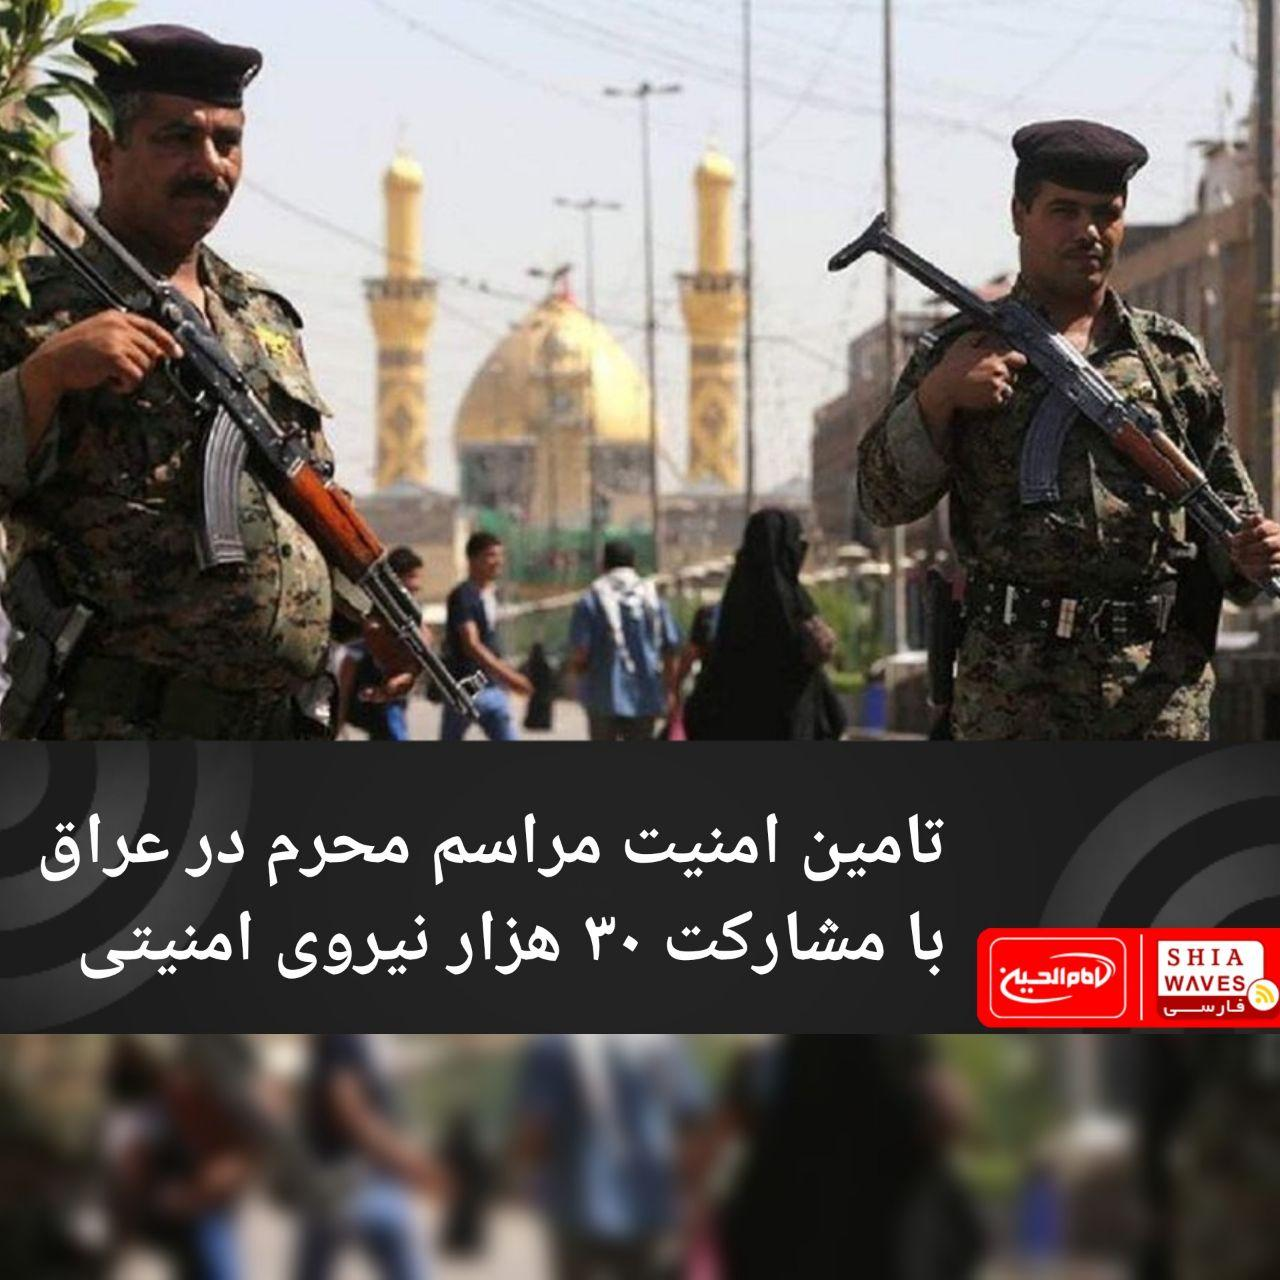 تصویر تامین امنیت مراسم محرم در عراق با مشارکت ۳۰ هزار نیروی امنیتی